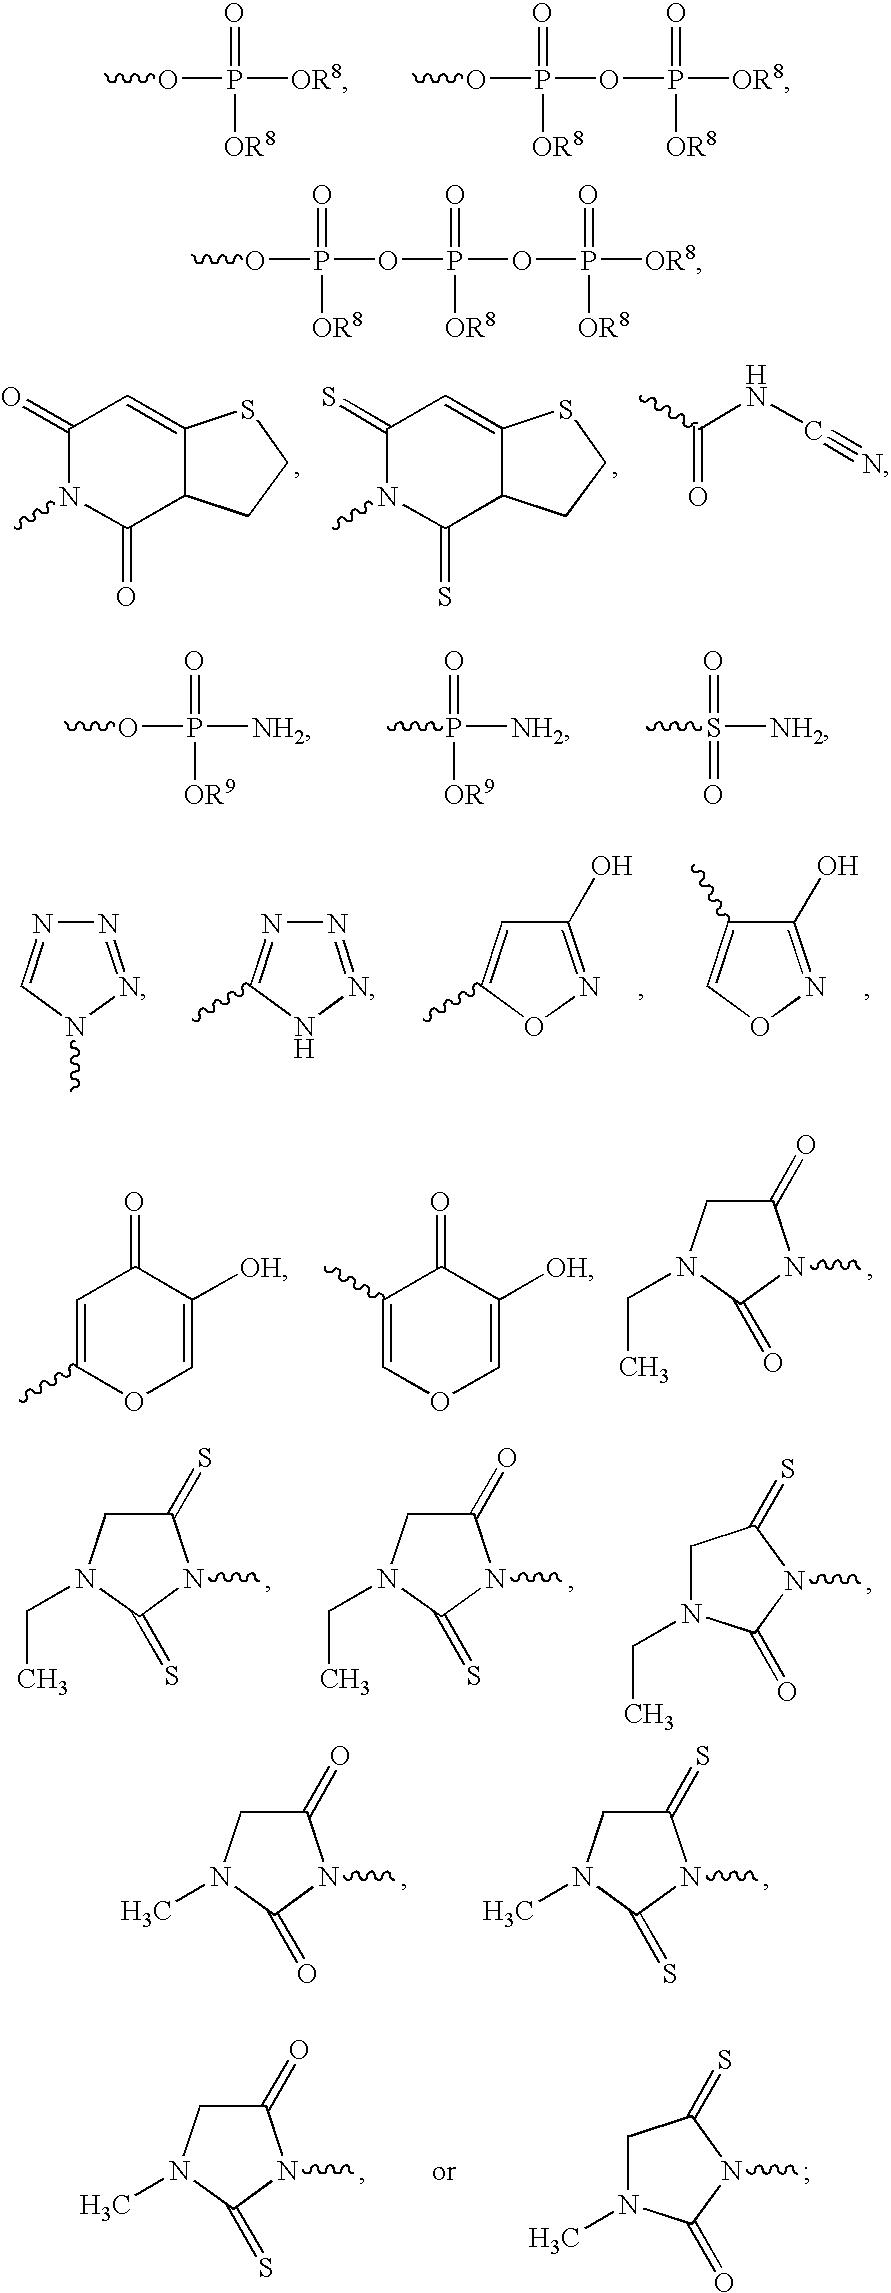 Figure US20040192771A1-20040930-C00022